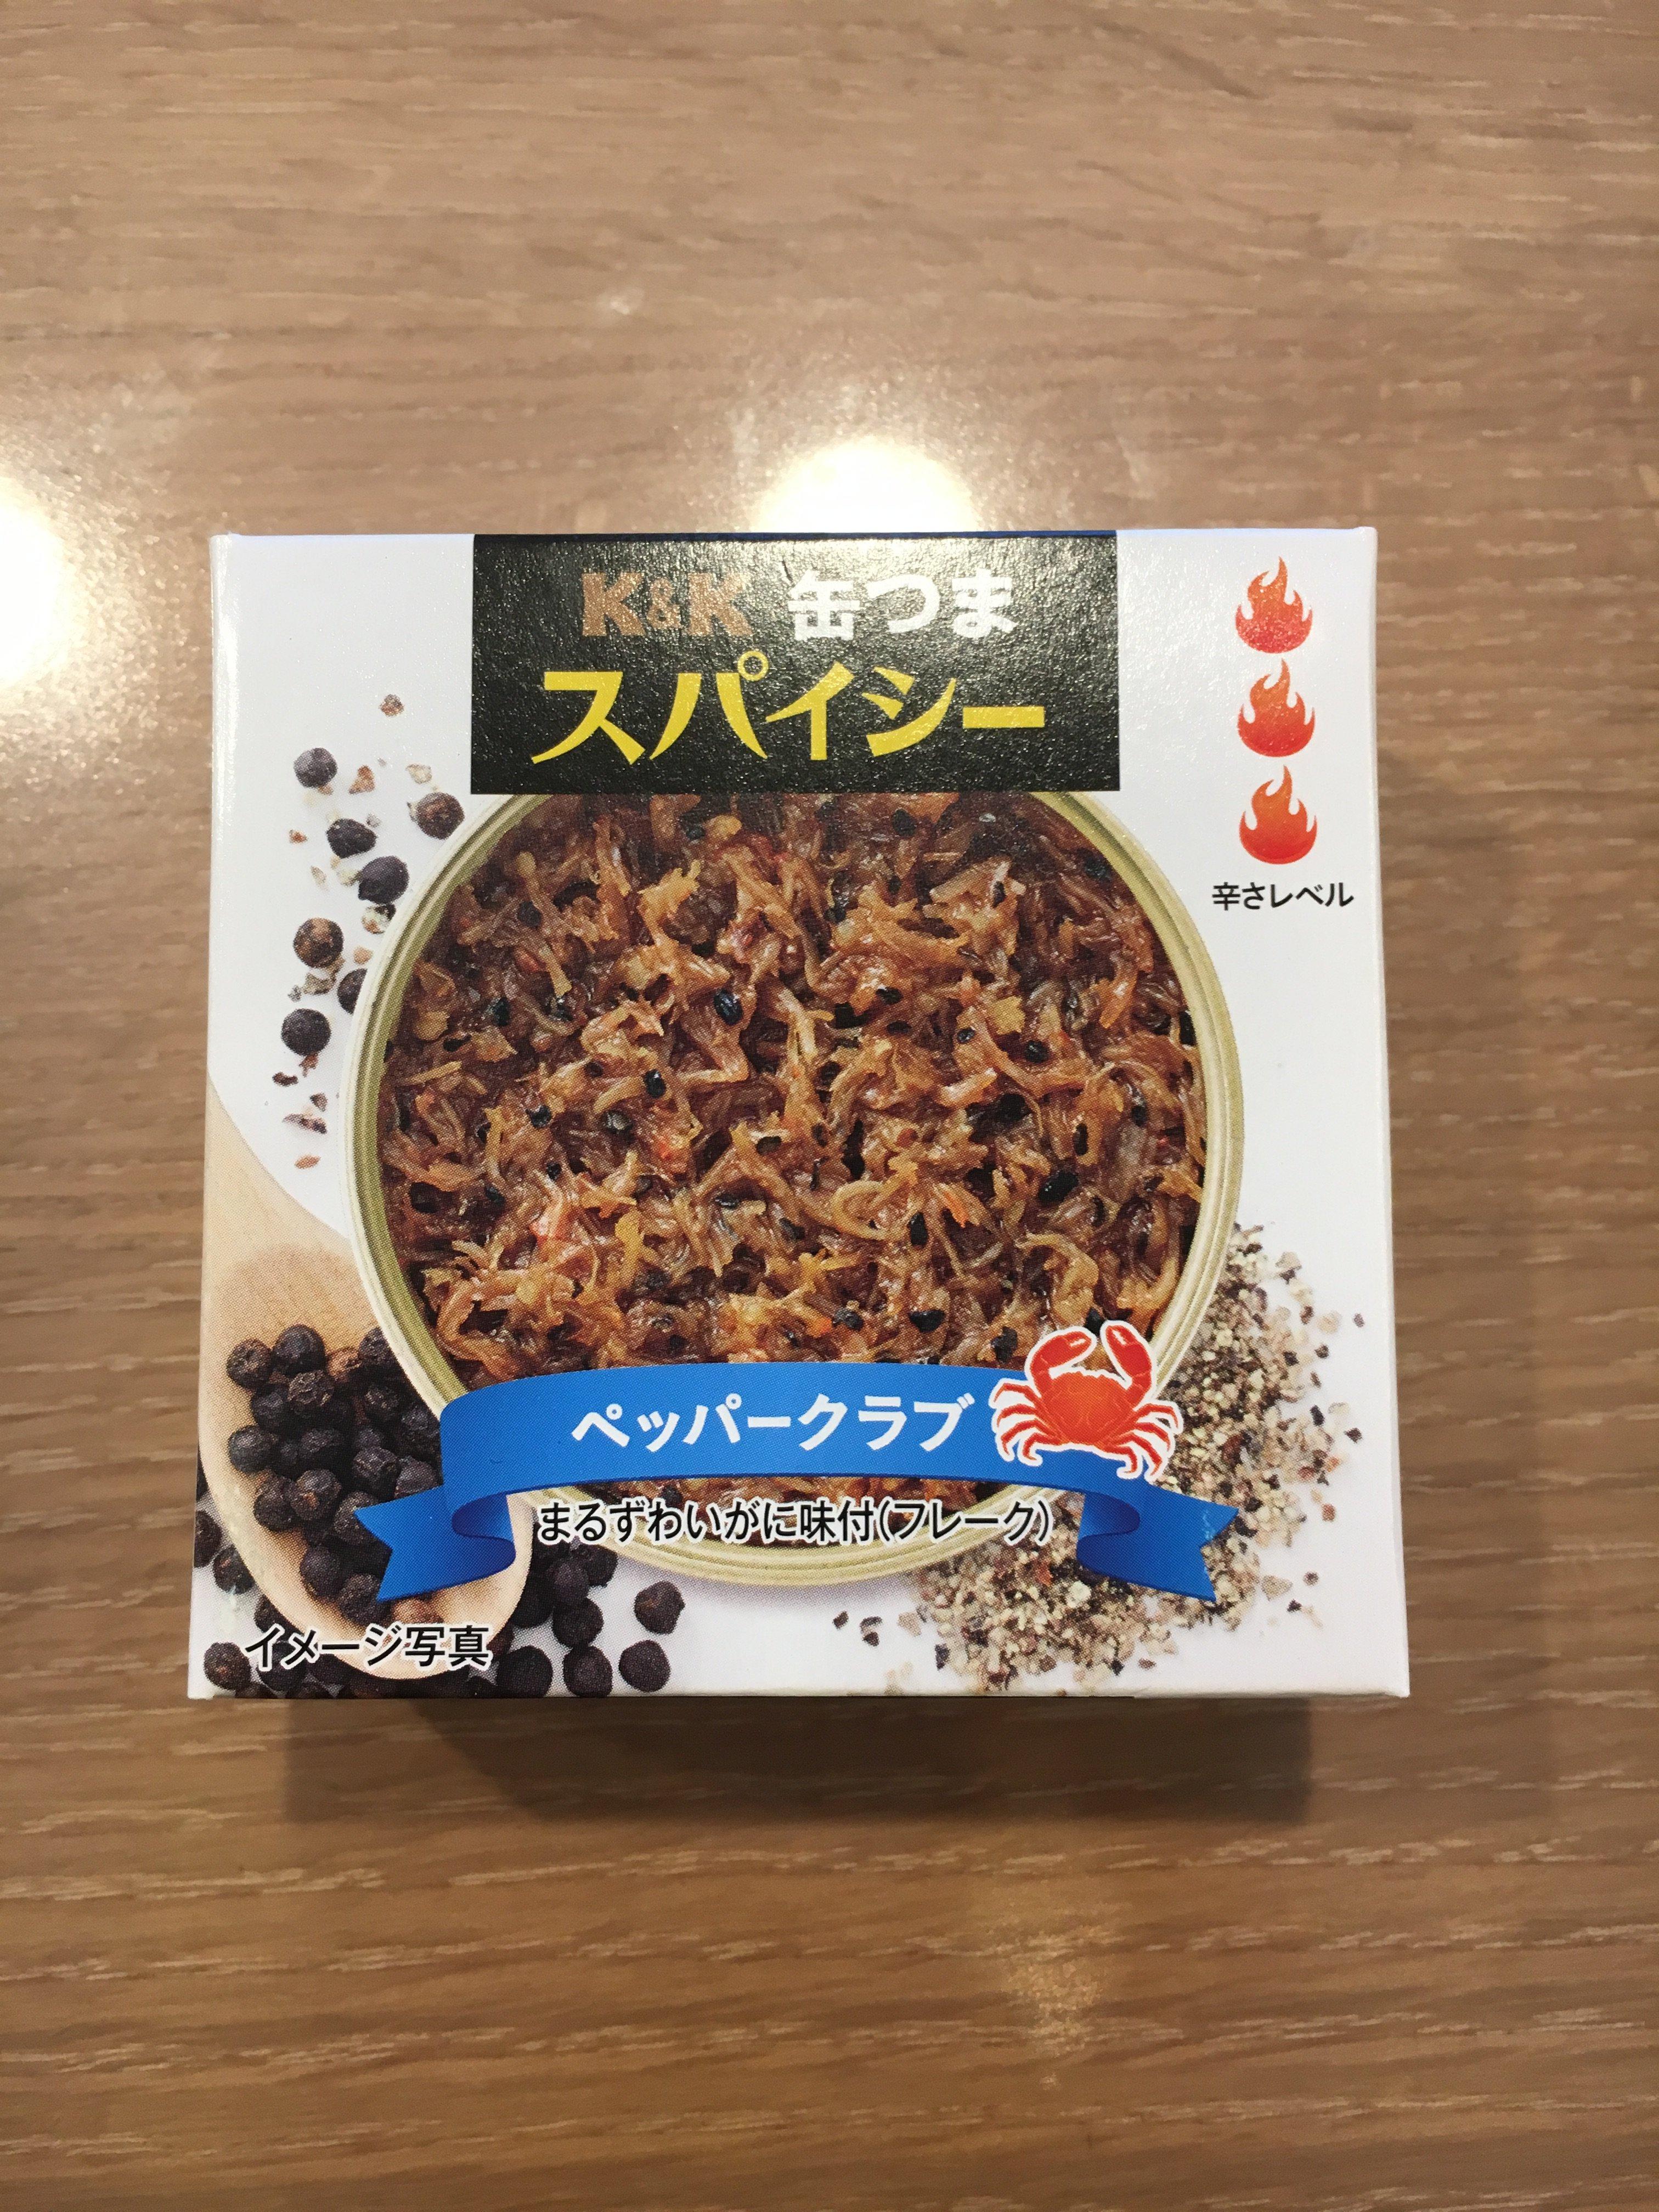 K&K 缶つまスパイシー ペッパークラブ まるずわいがに味付け(フレーク) 缶つまシリーズの中では最高レベルの味!めちゃめちゃ美味い!